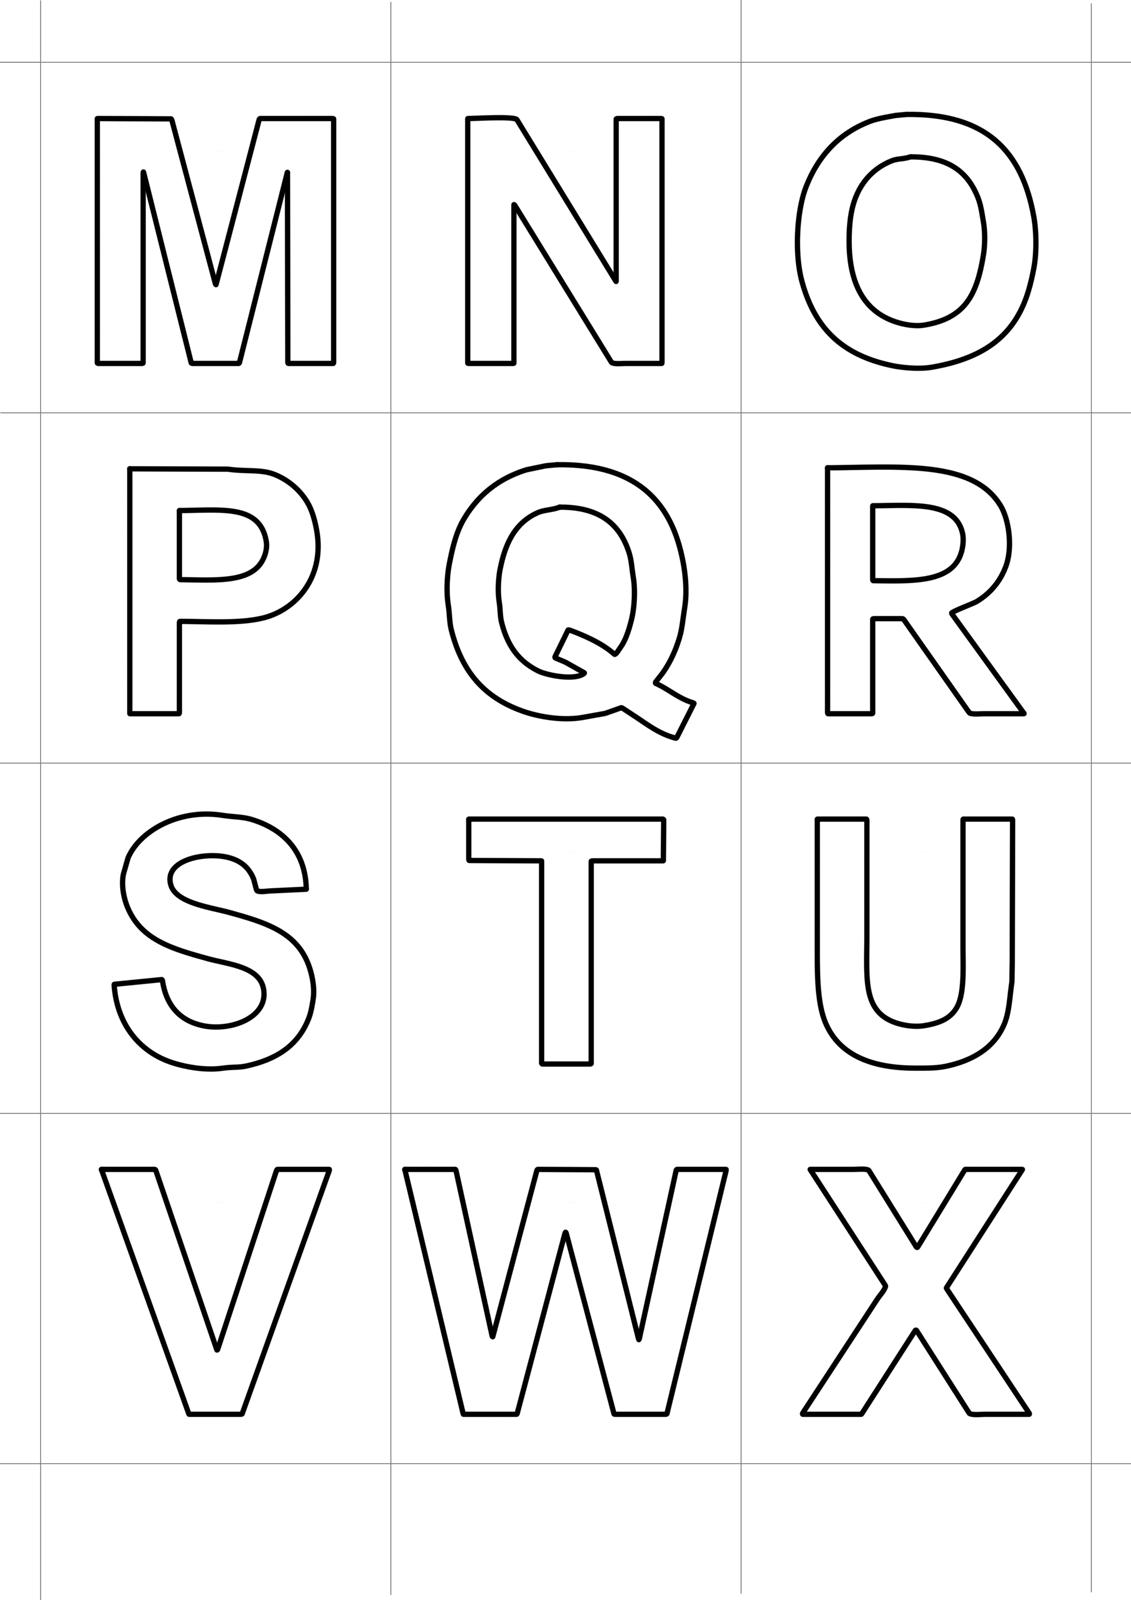 Lettere e numeri lettere stampatello dalla m alla x - Lettere animali da stampare ...